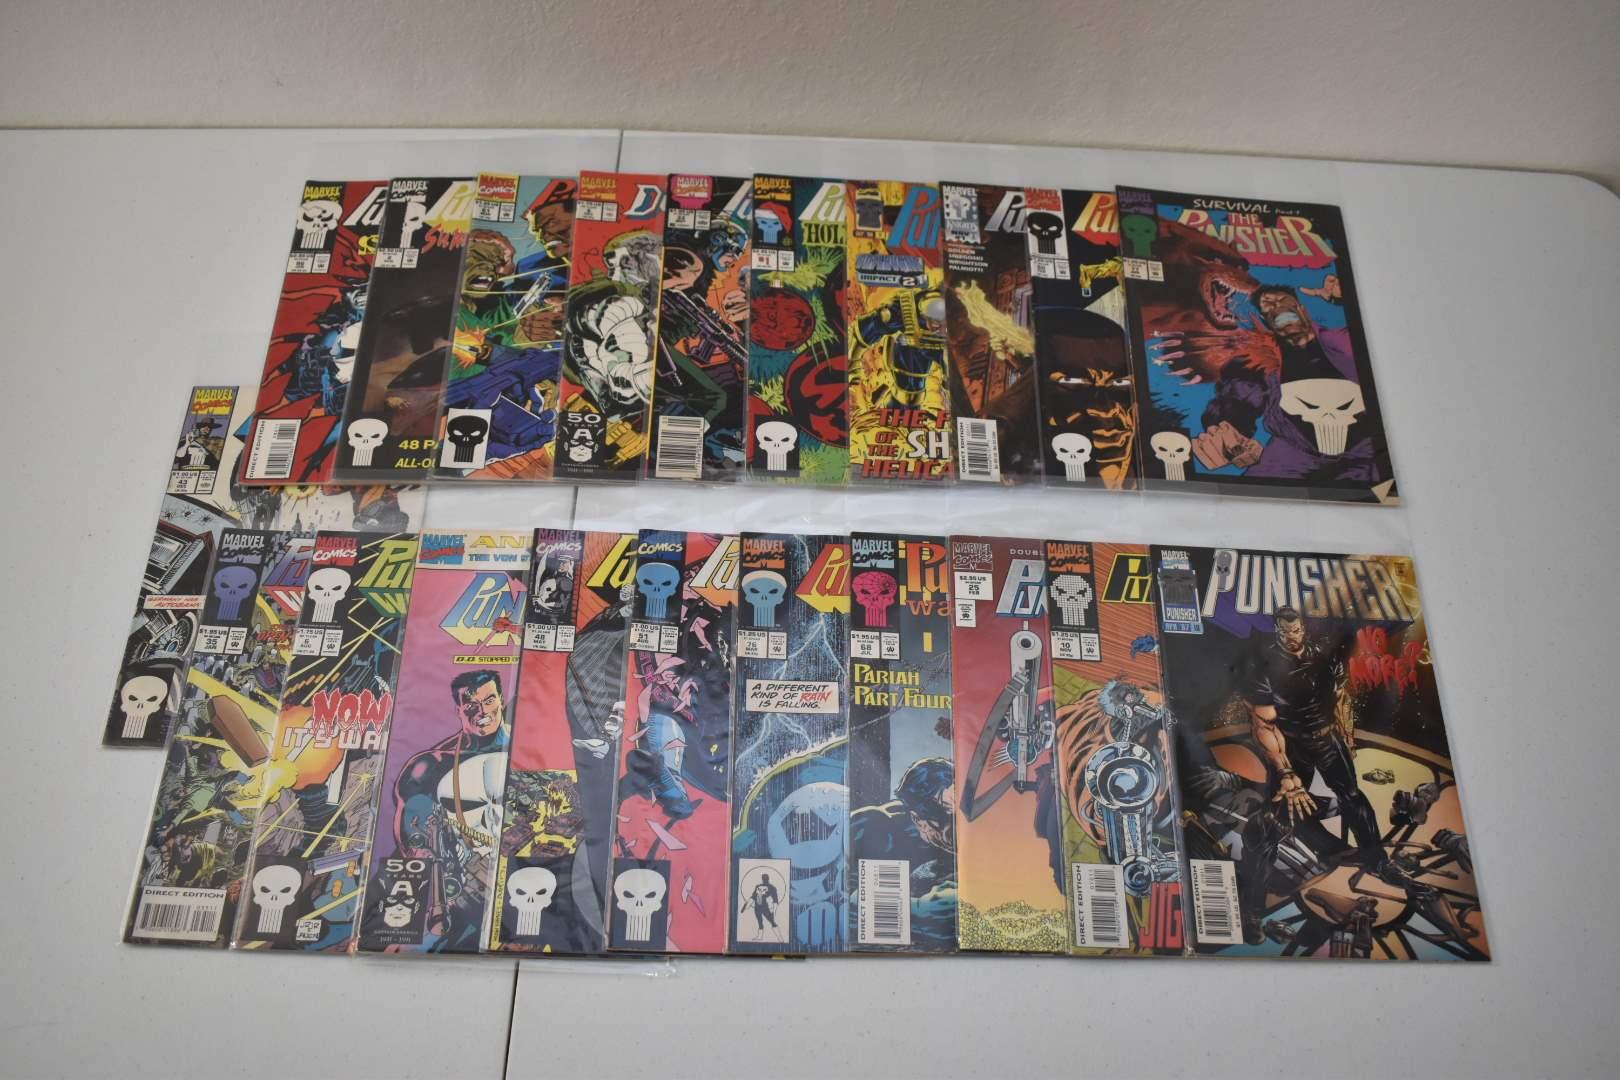 1990's Punisher Comics